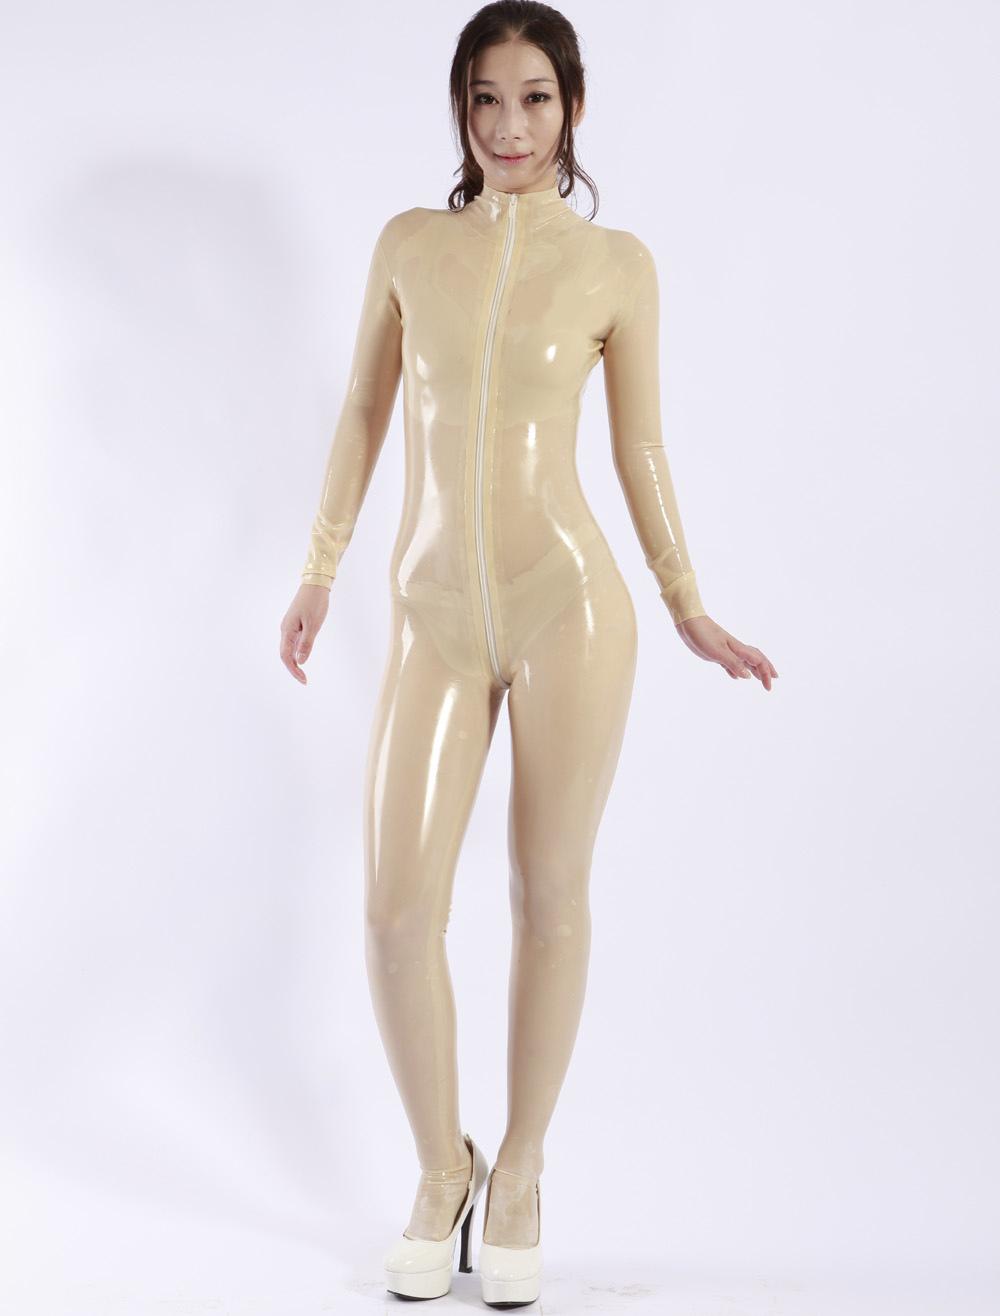 Sexy Latex Catsuit with front Zipper Halloween Bodysuit Halloween